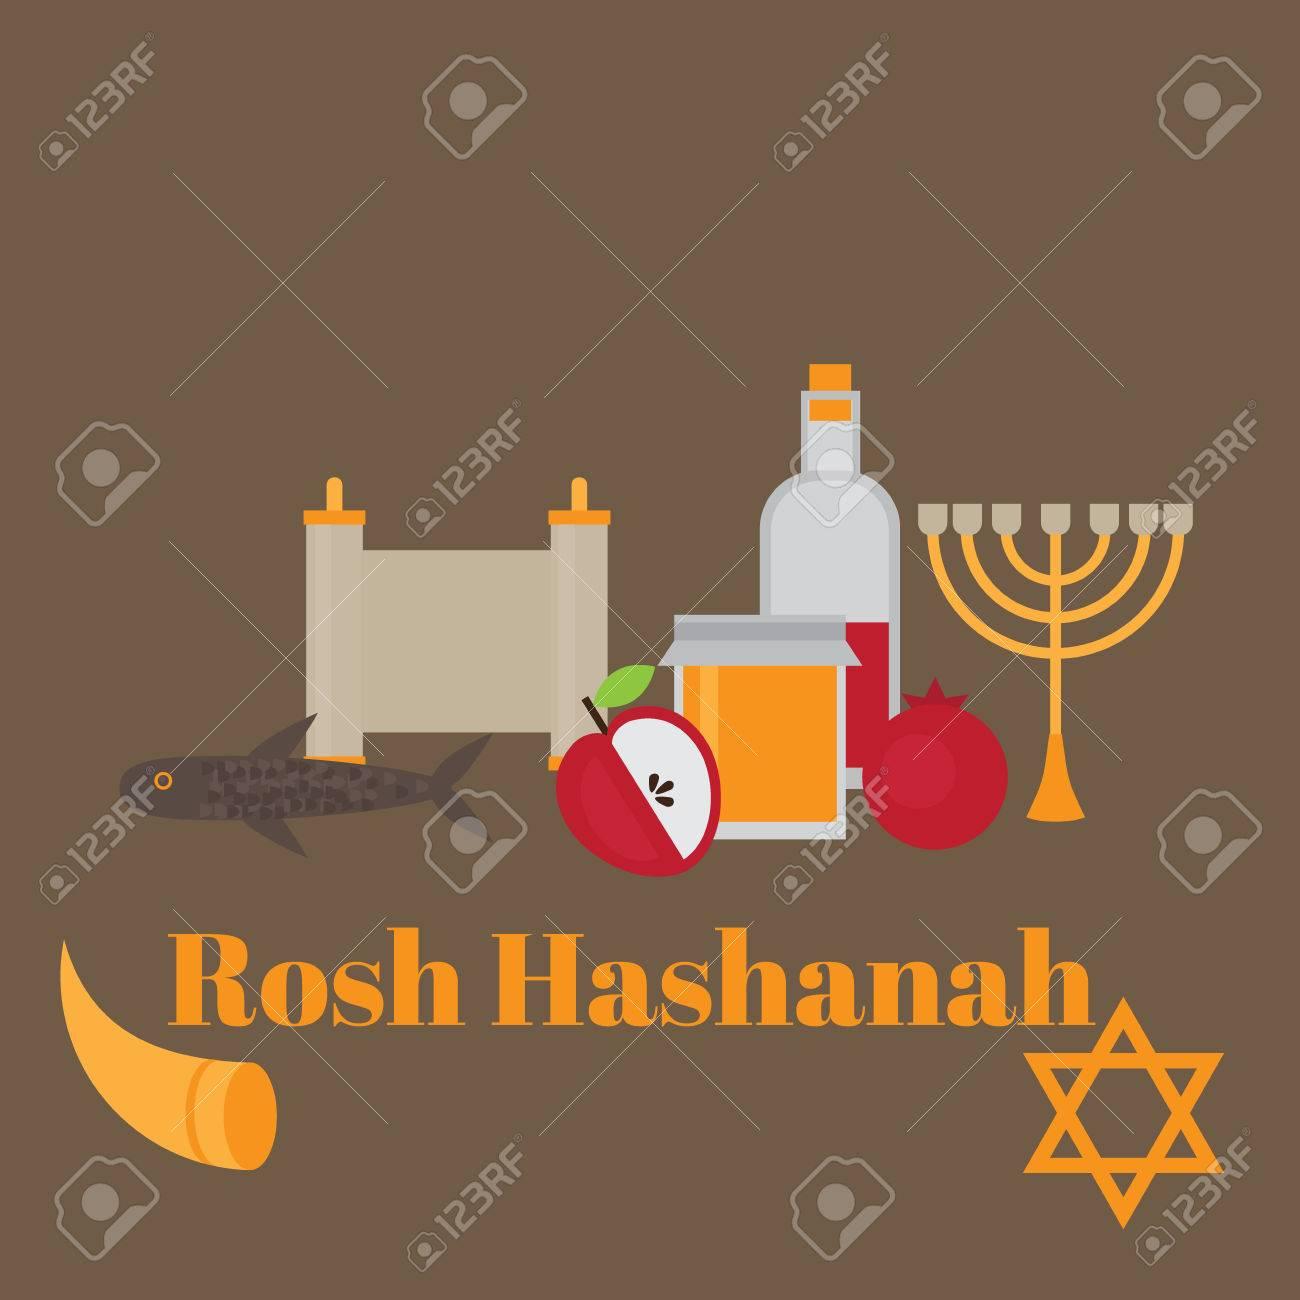 Rosh hashanah jewish new year greeting card hebrew symbols rosh hashanah jewish new year greeting card hebrew symbols judaism elements judaic religion m4hsunfo